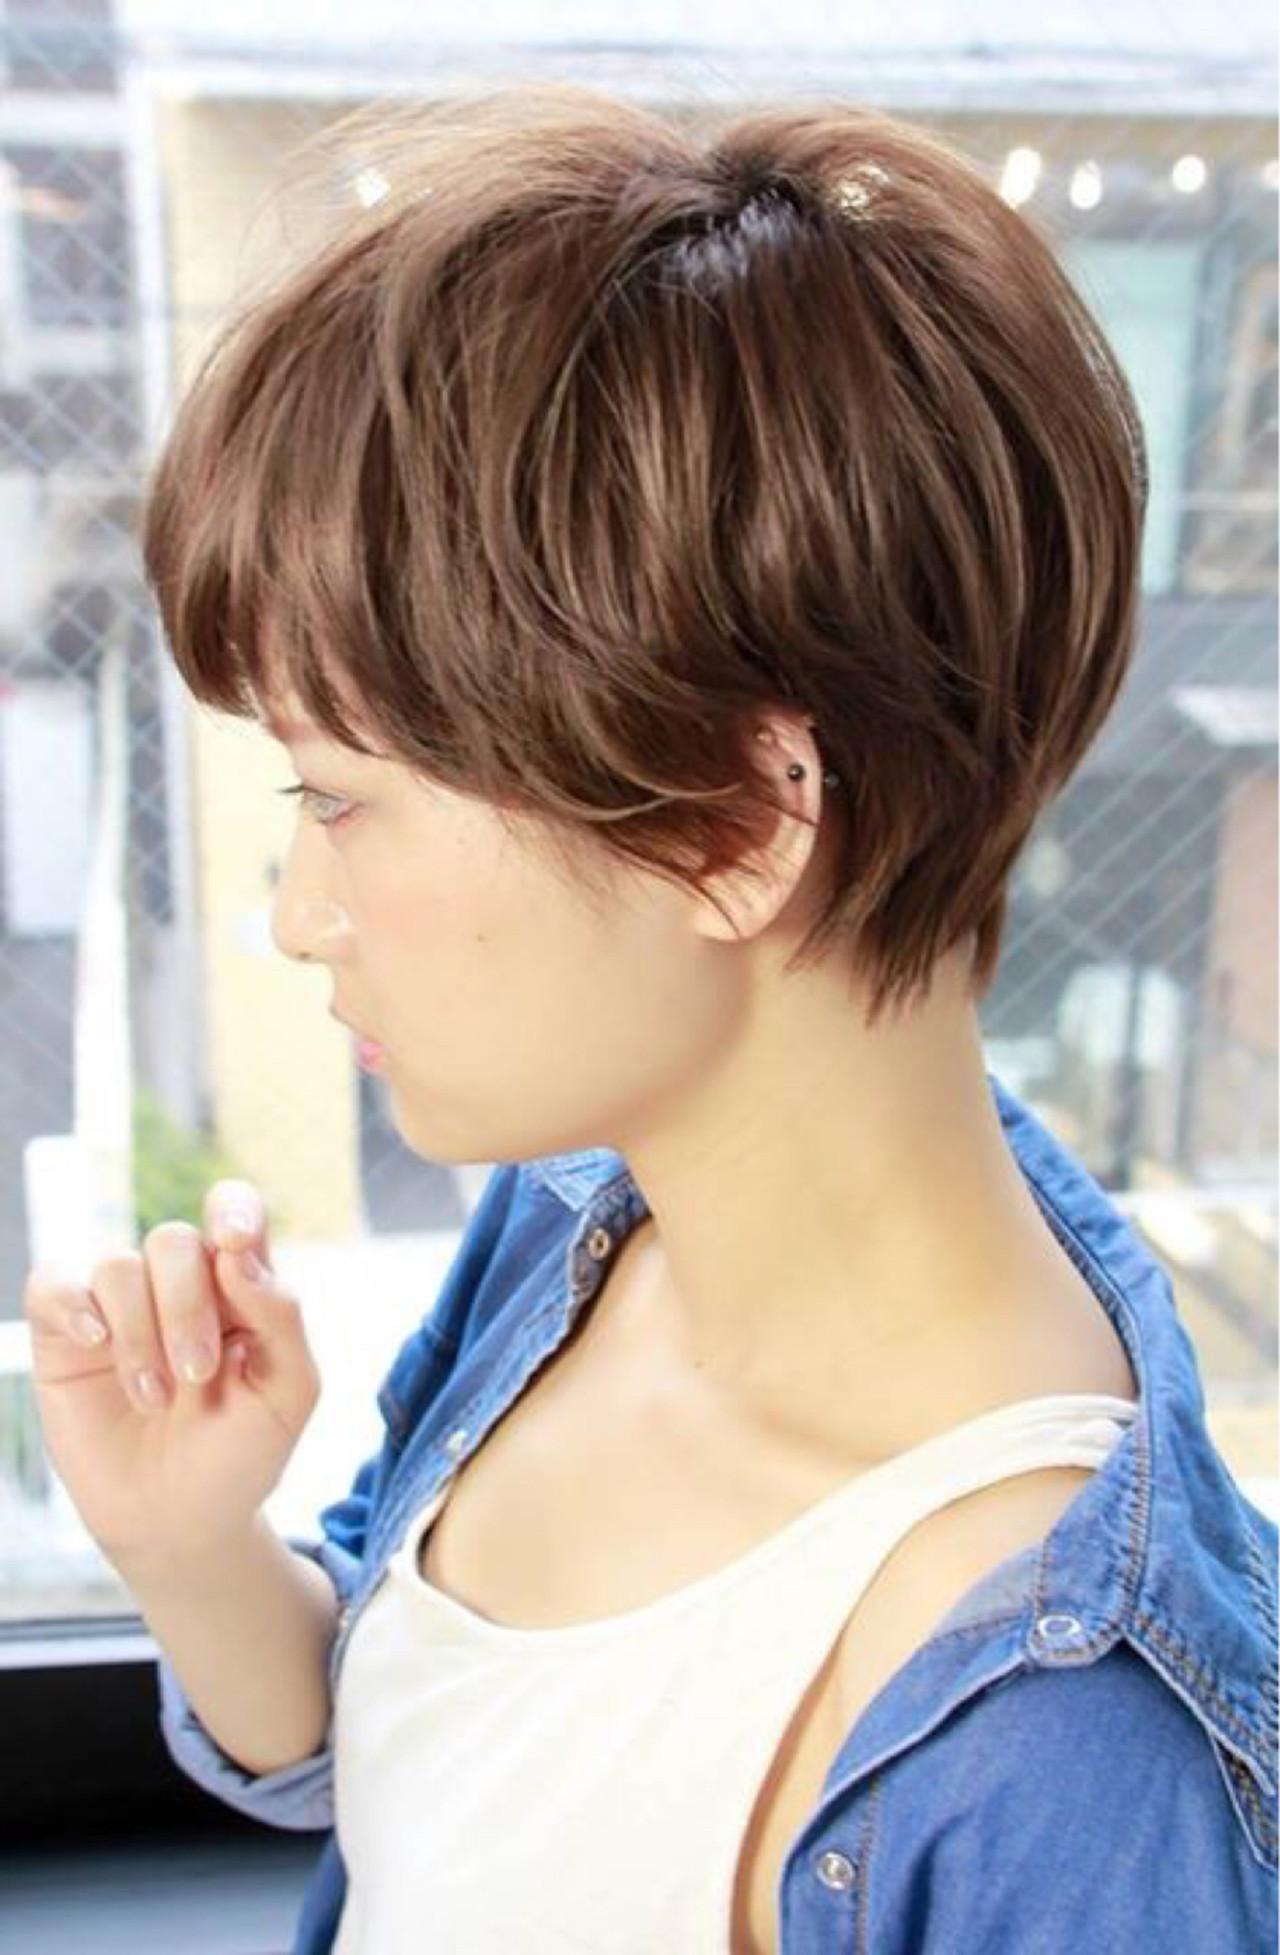 グレージュ ナチュラル 小顔 ショート ヘアスタイルや髪型の写真・画像